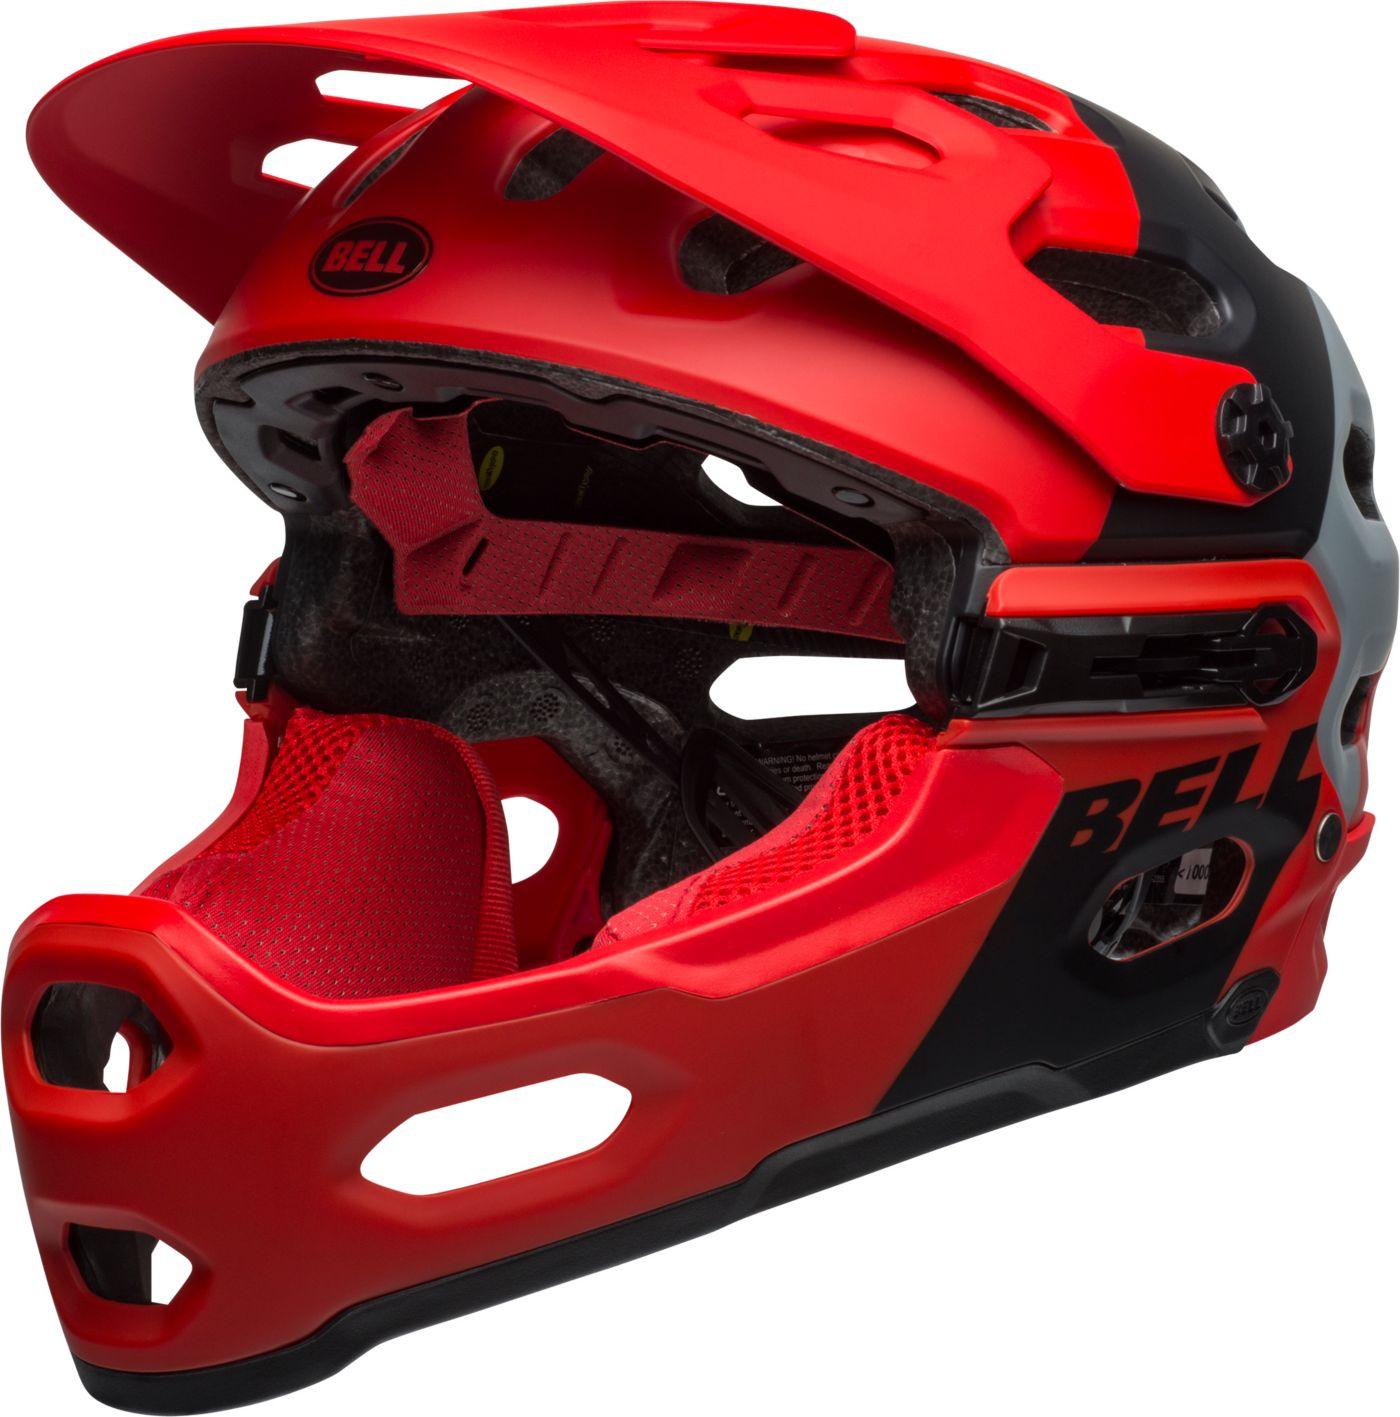 Bell Adult Super 3R MIPS Bike Helmet